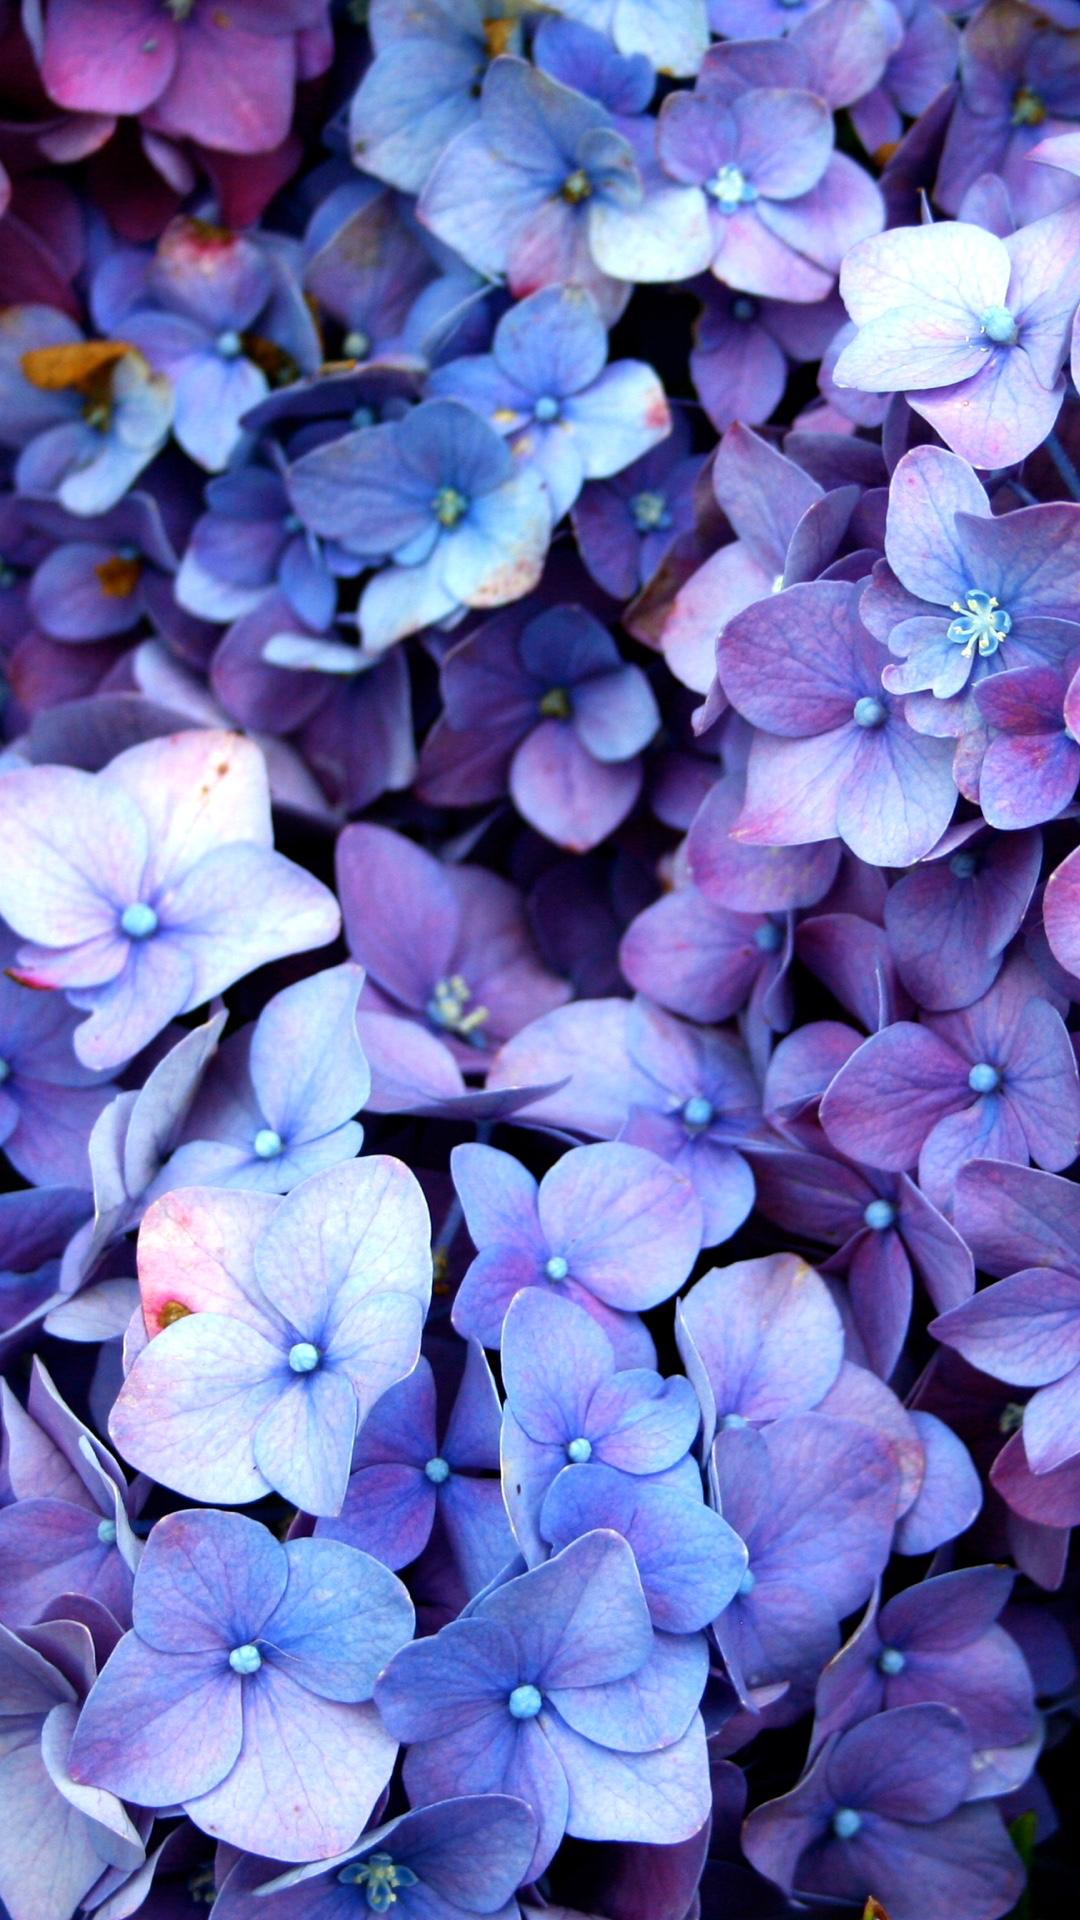 Le Violet A Rungis Les Fleurs Purple Flowers Wallpaper Hydrangea Wallpaper Beautiful Flowers